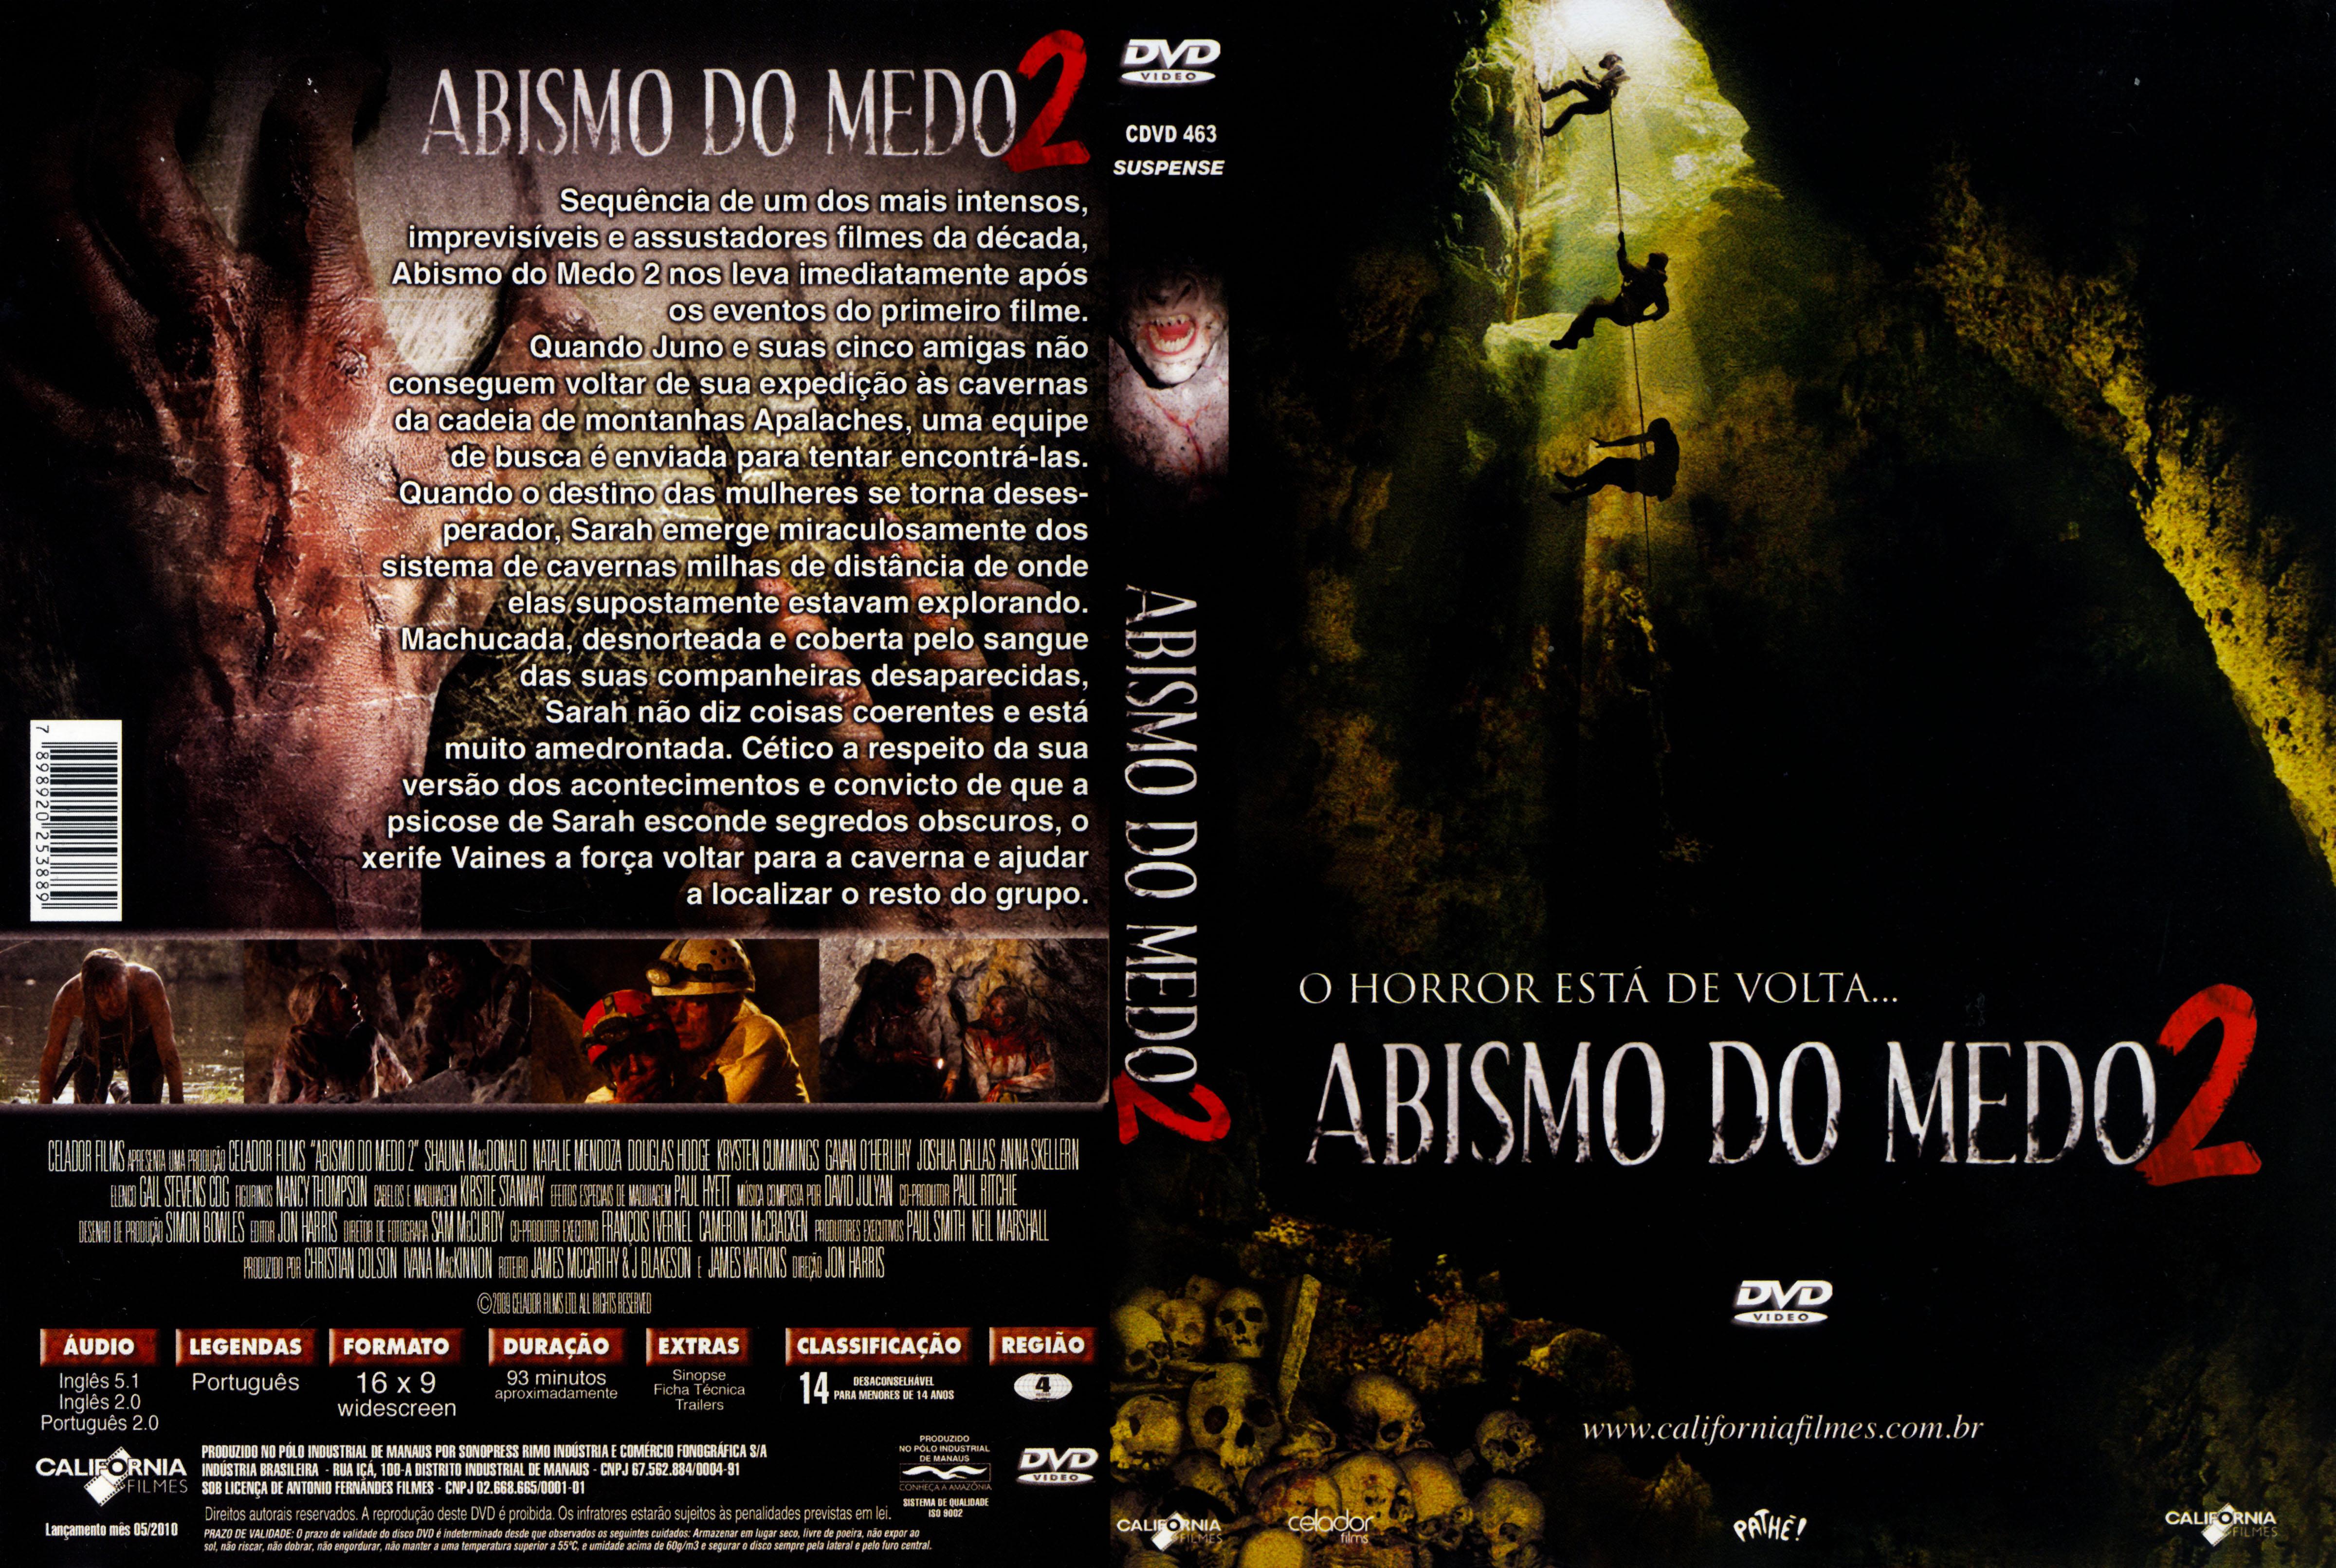 AbismoDoMedo2